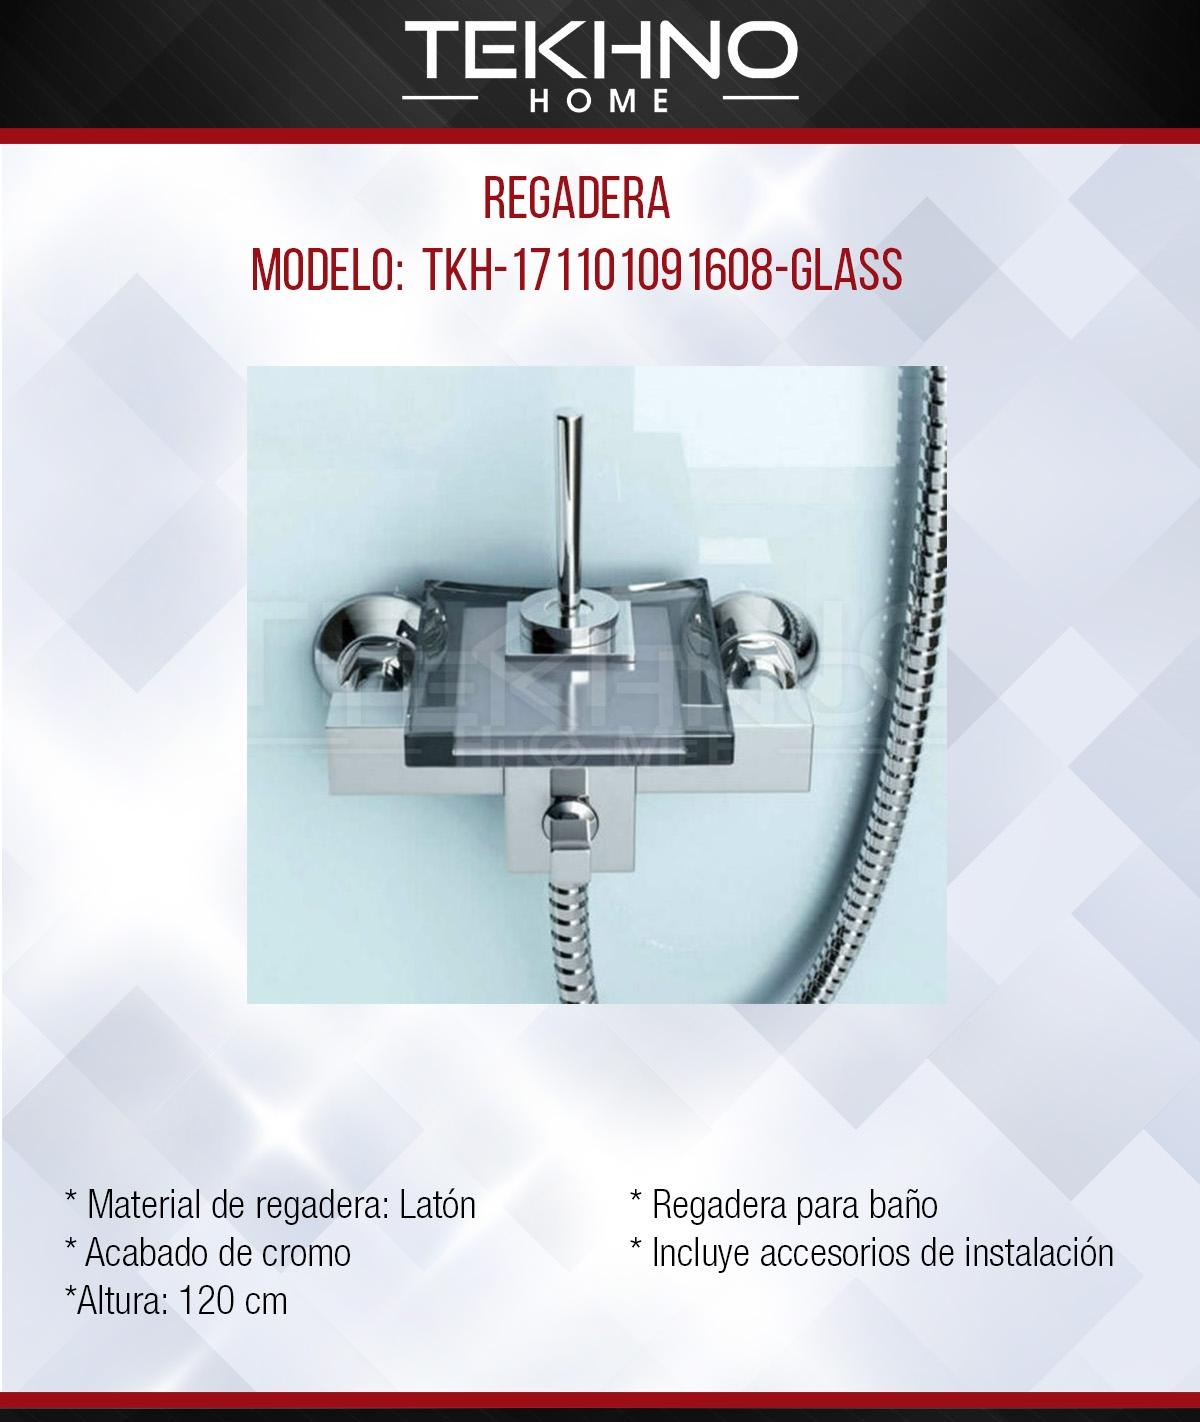 2 Regadera TKH-171101091608-GLASS